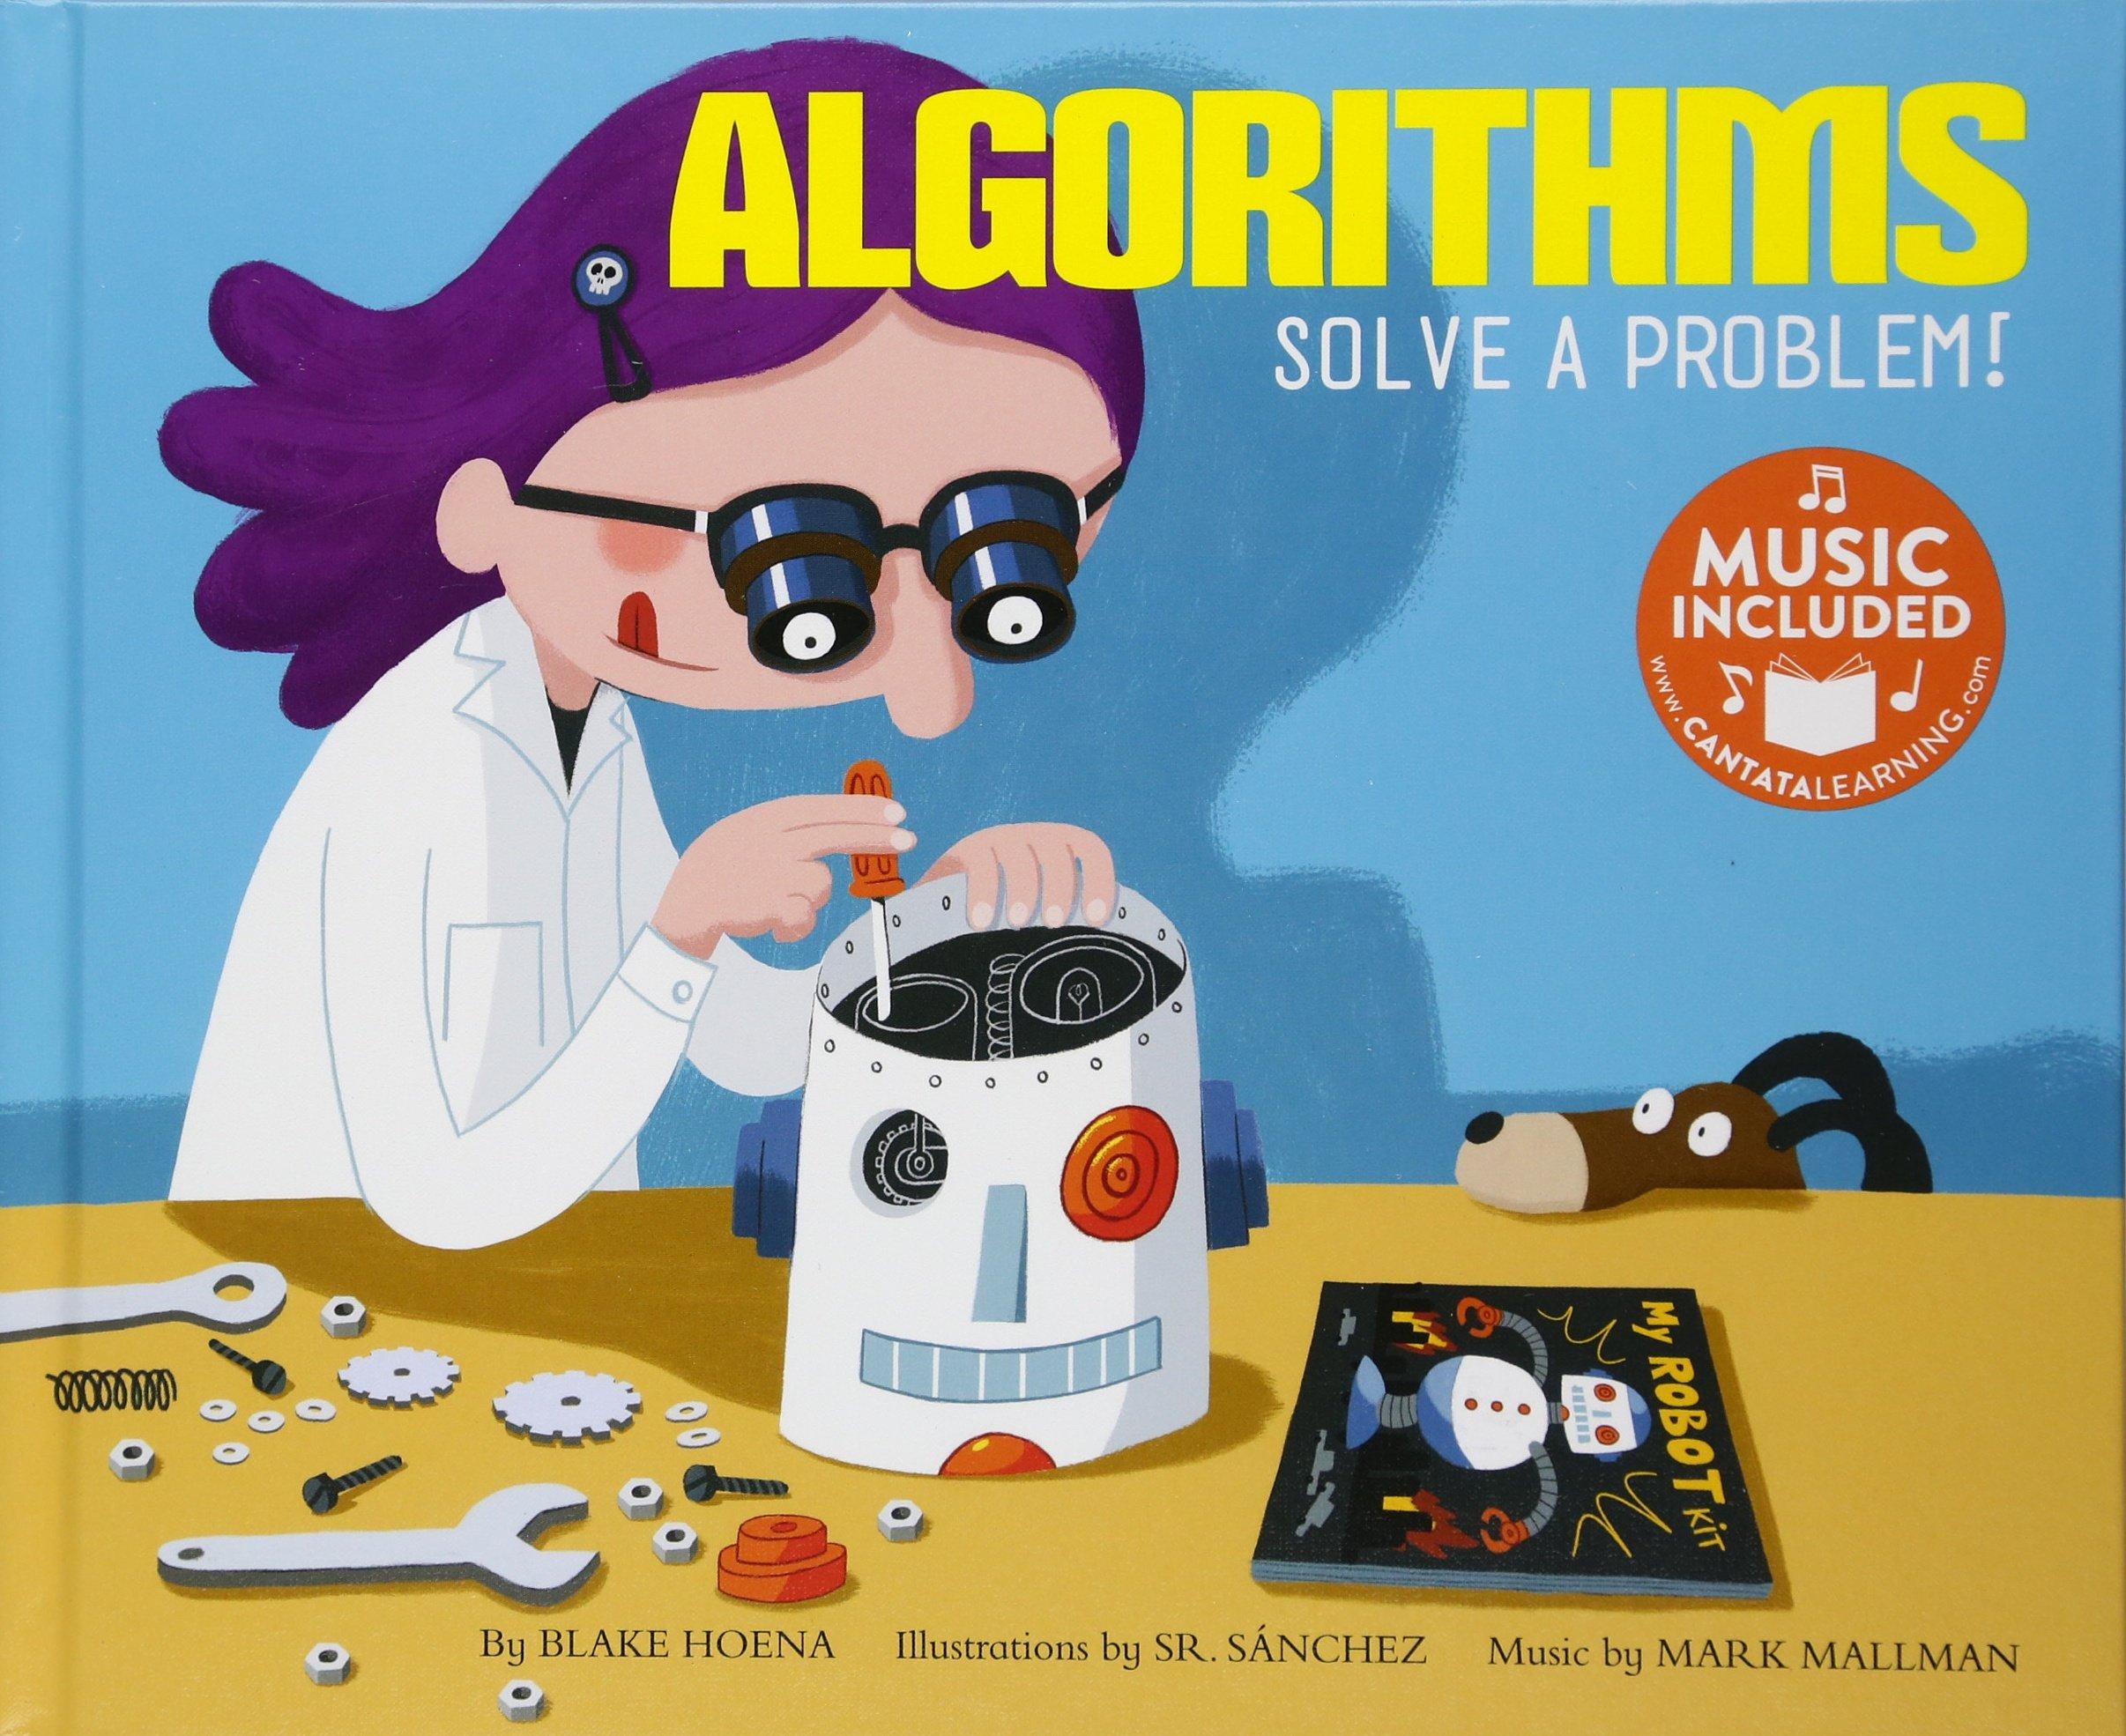 Algorithms: Solve a Problem! (Code It!)